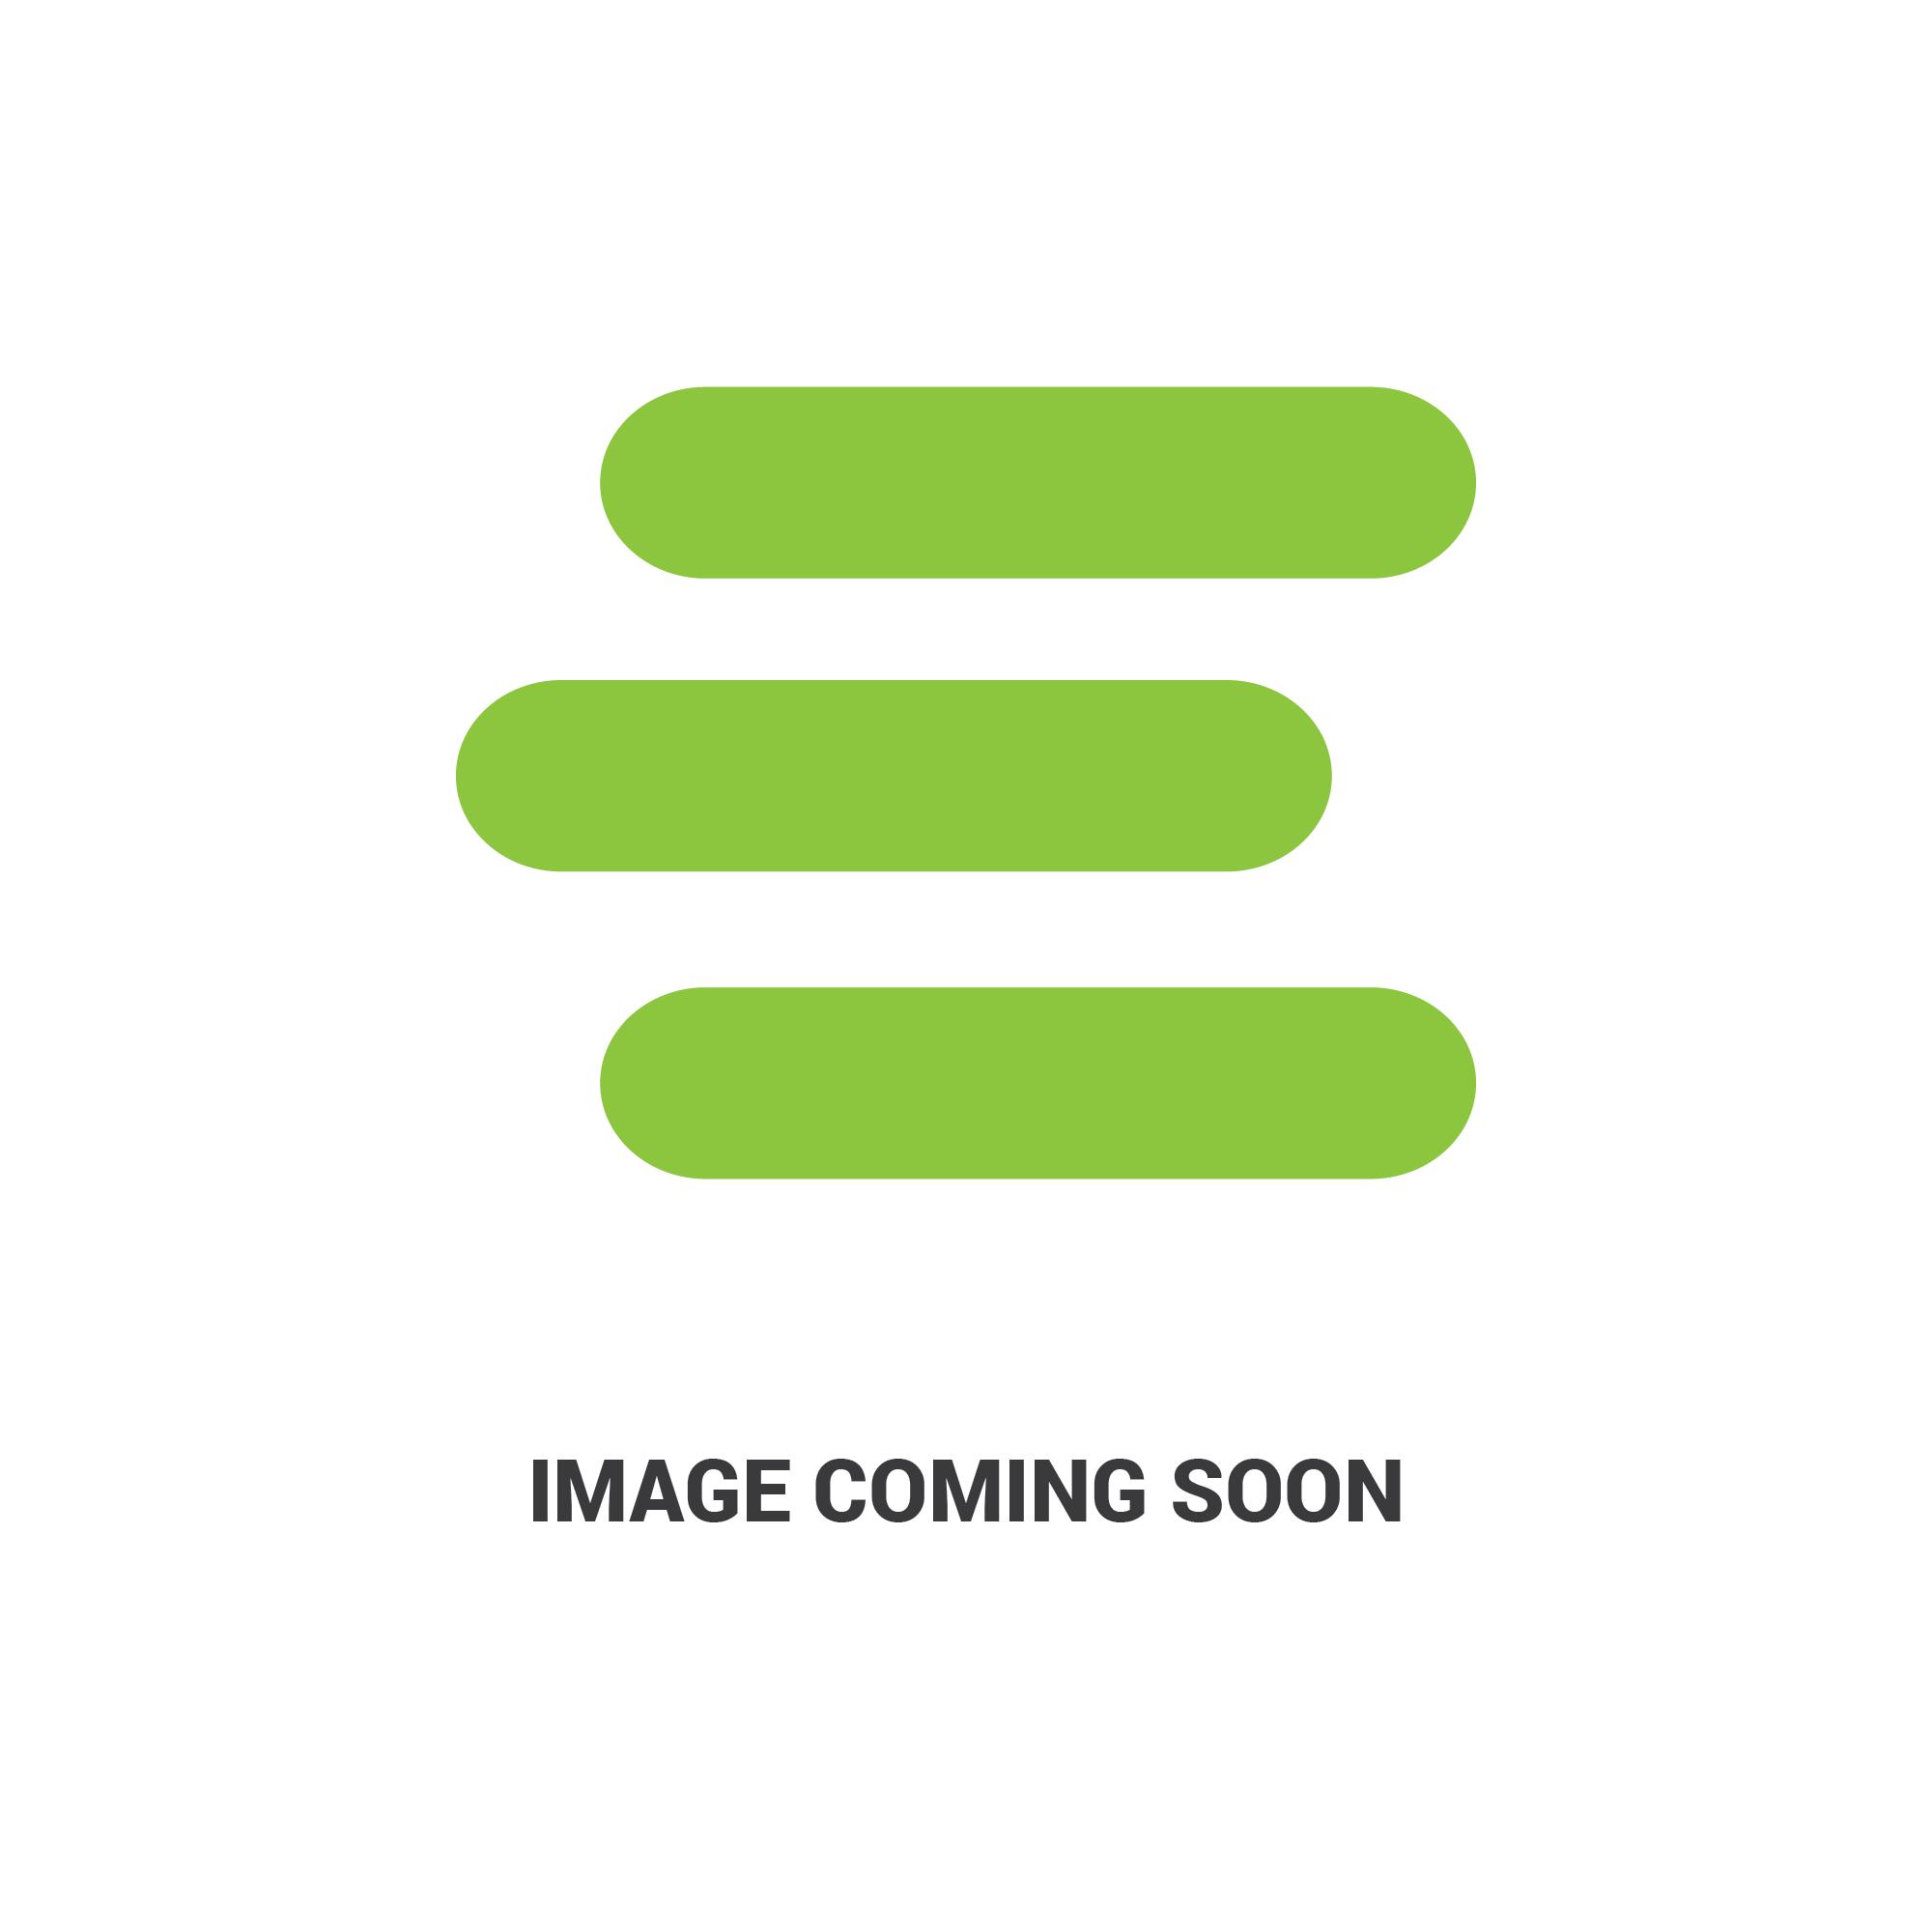 E-AL1735691987_1.jpg